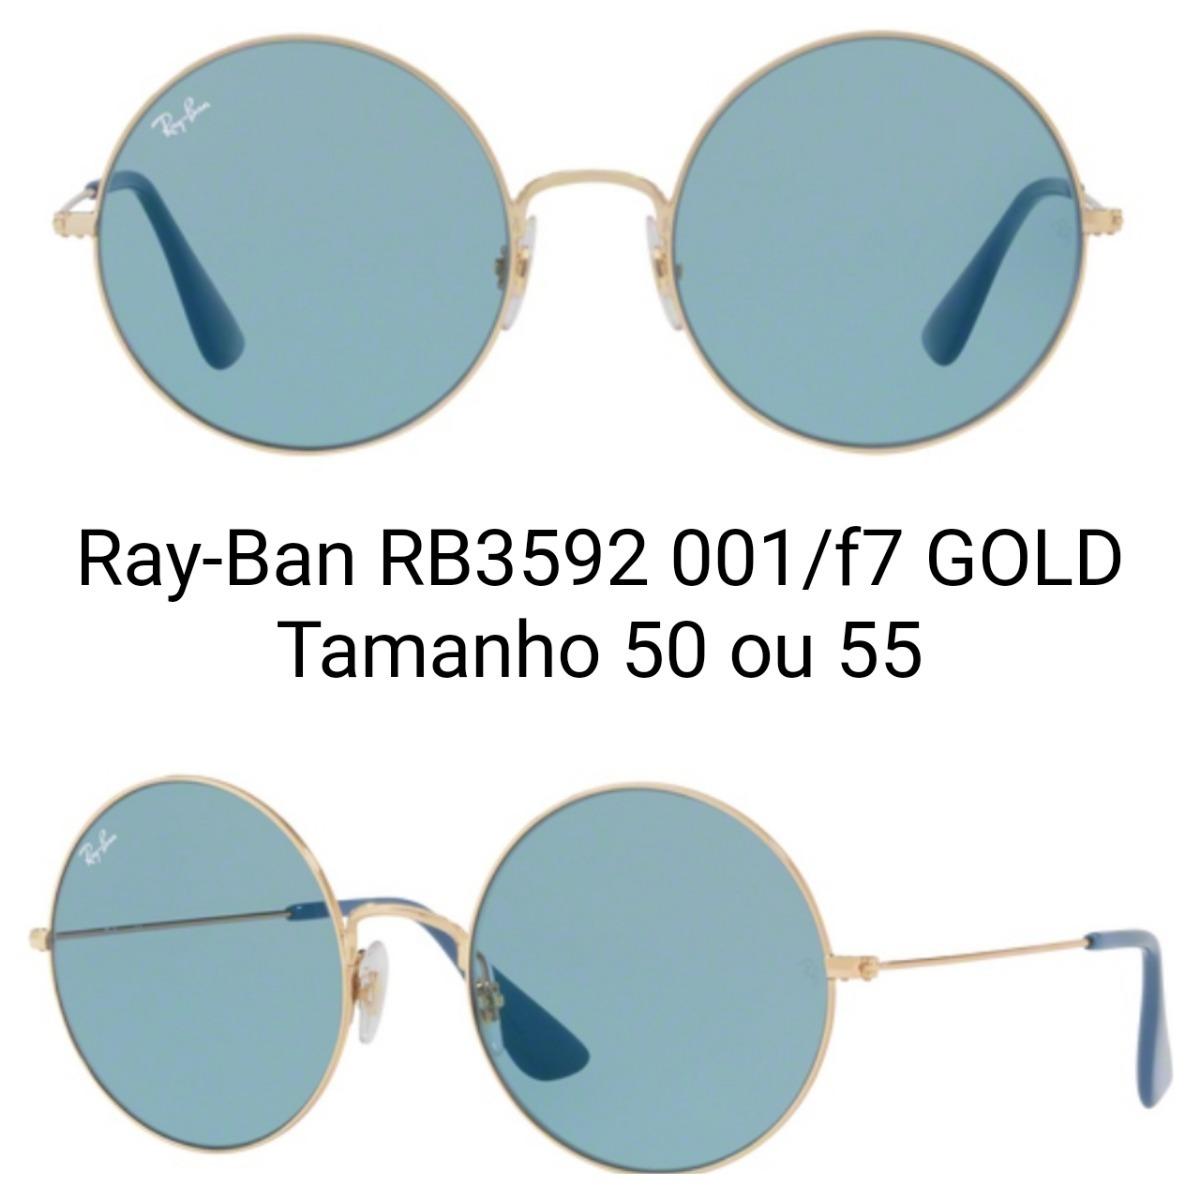 616a81873a7c0 Óculos Ray-ban Ja-jo - Rb3592 - Frete Grátis - R  385,00 em Mercado ...